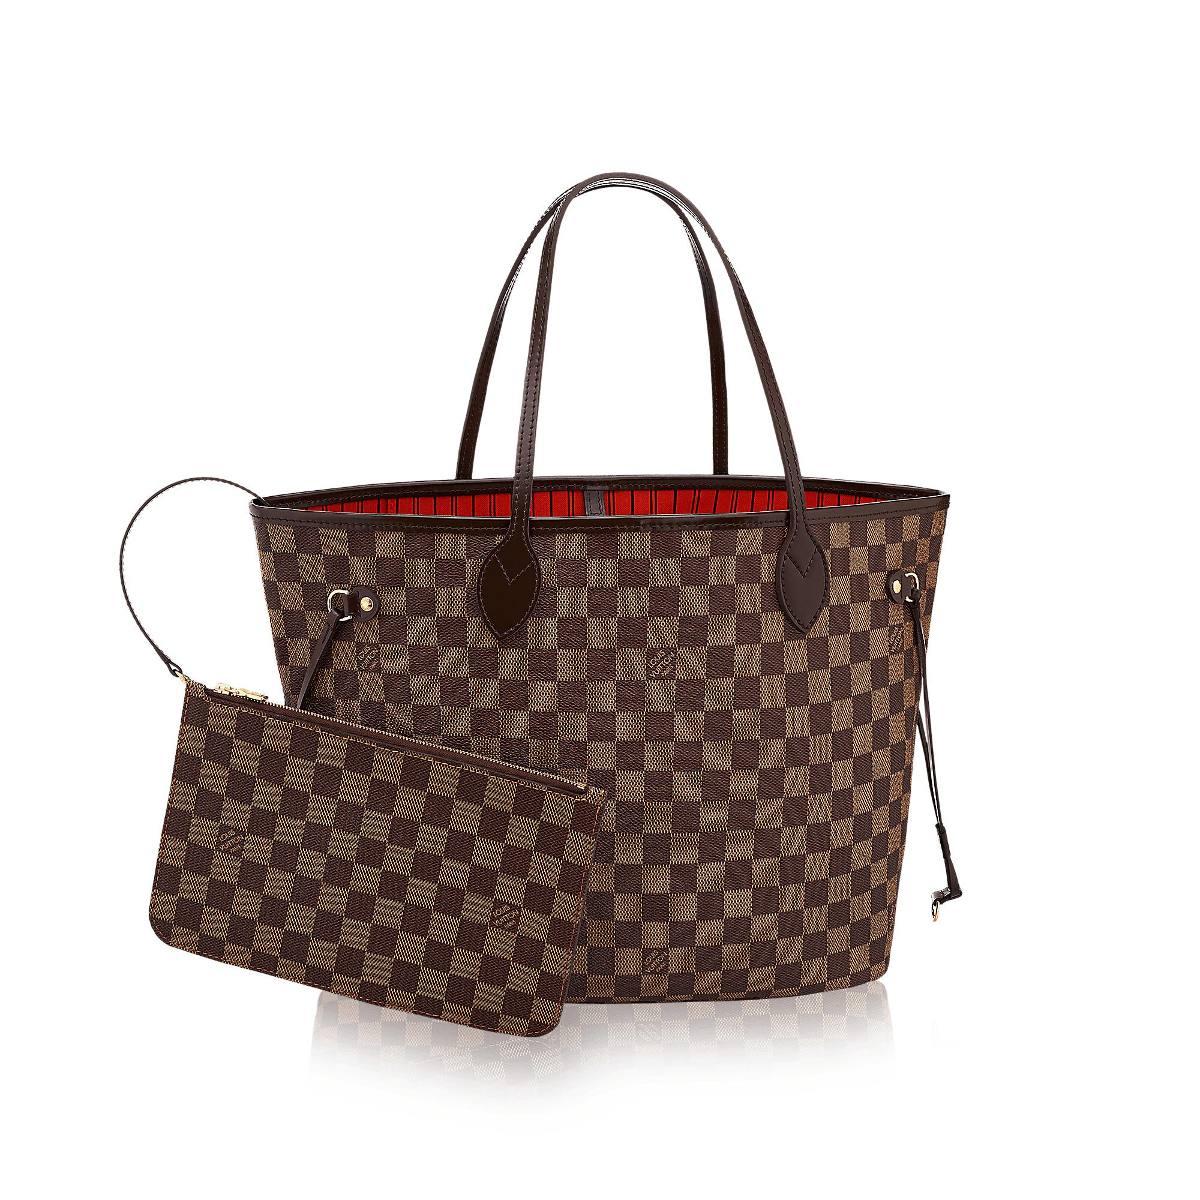 Bolsa Louis Vuitton Neverfull Damier Ebene Tamanho G - R  349 68728fd9318